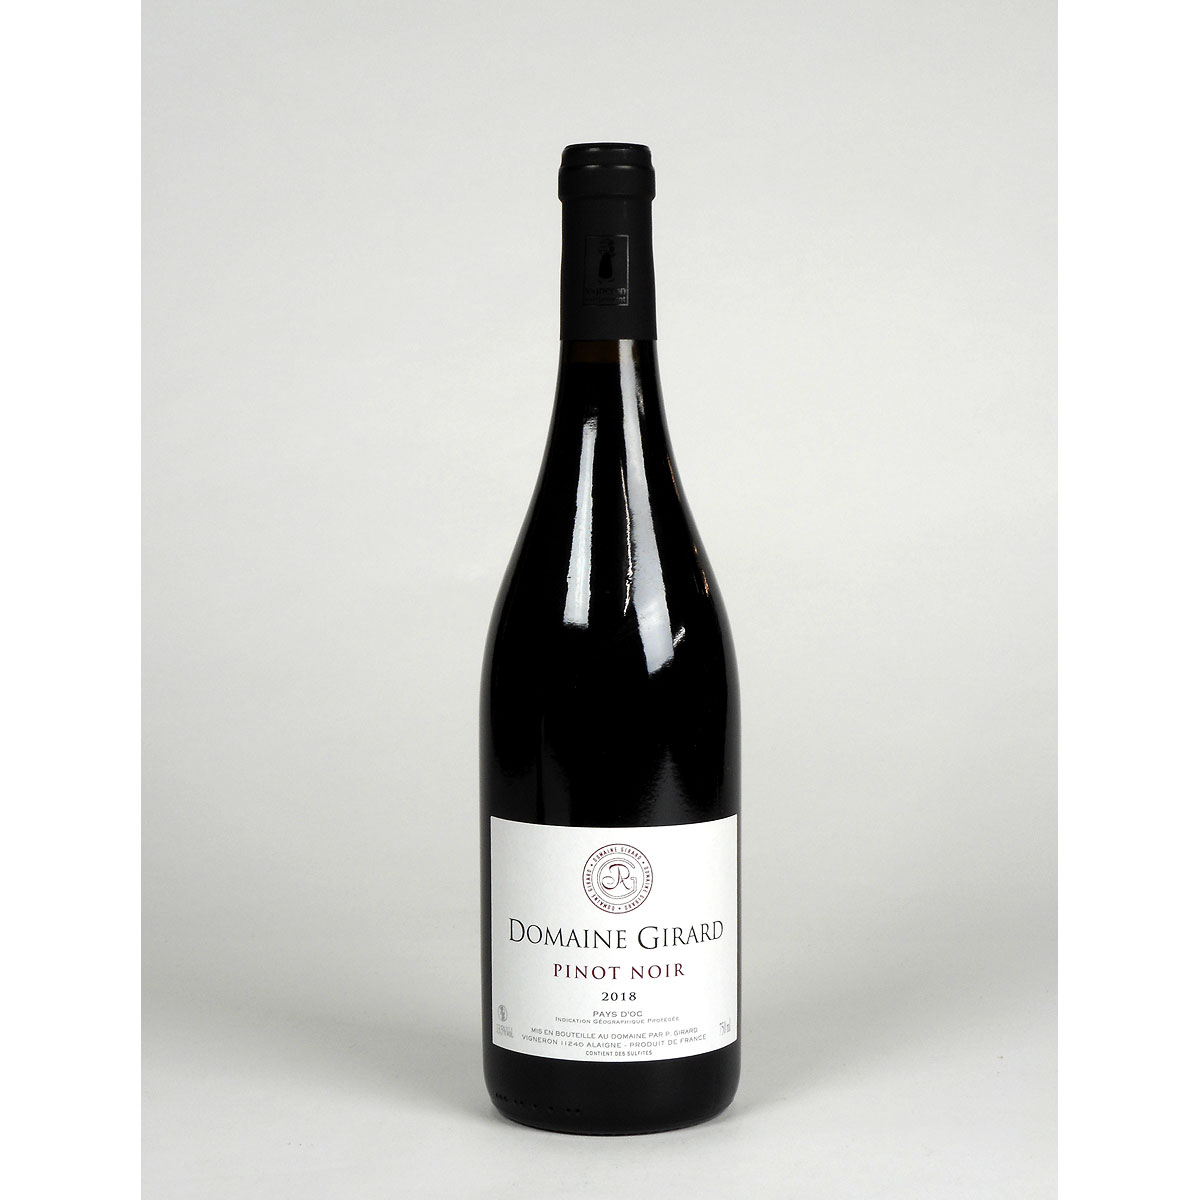 IGP Pays d'Oc: Domaine Girard Pinot Noir 2018 - Bottle